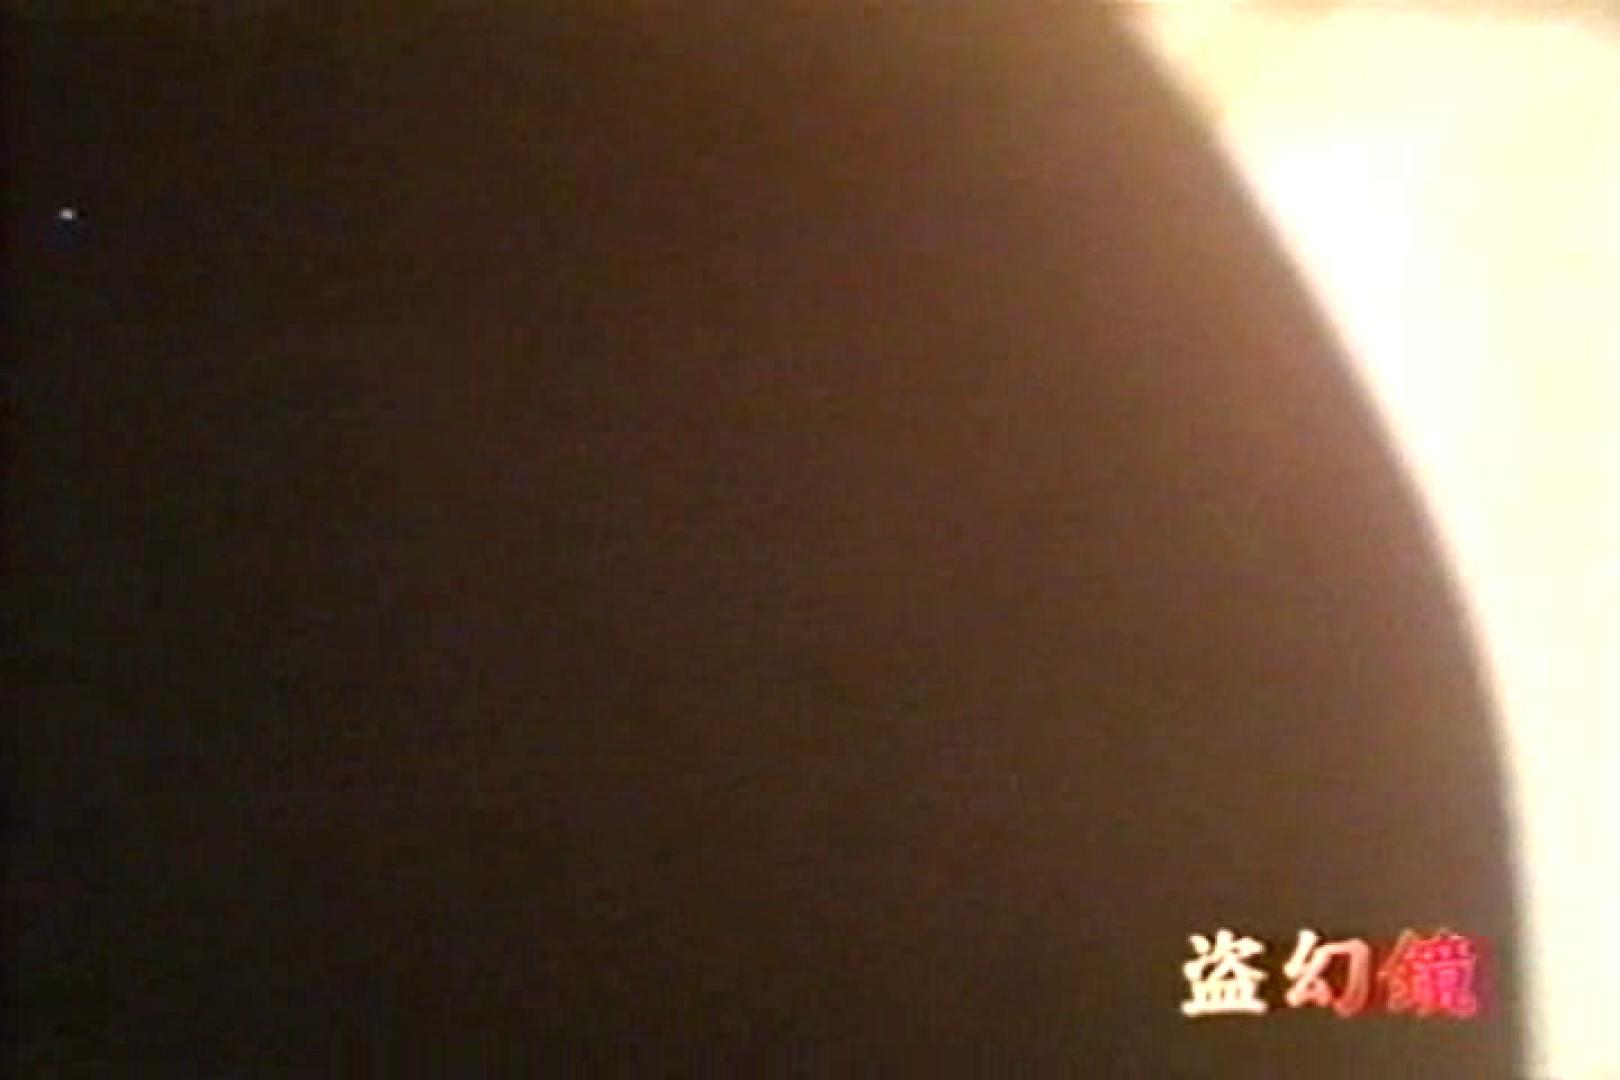 二点盗撮 水着試着室 HS-3 萌えギャル すけべAV動画紹介 81連発 68